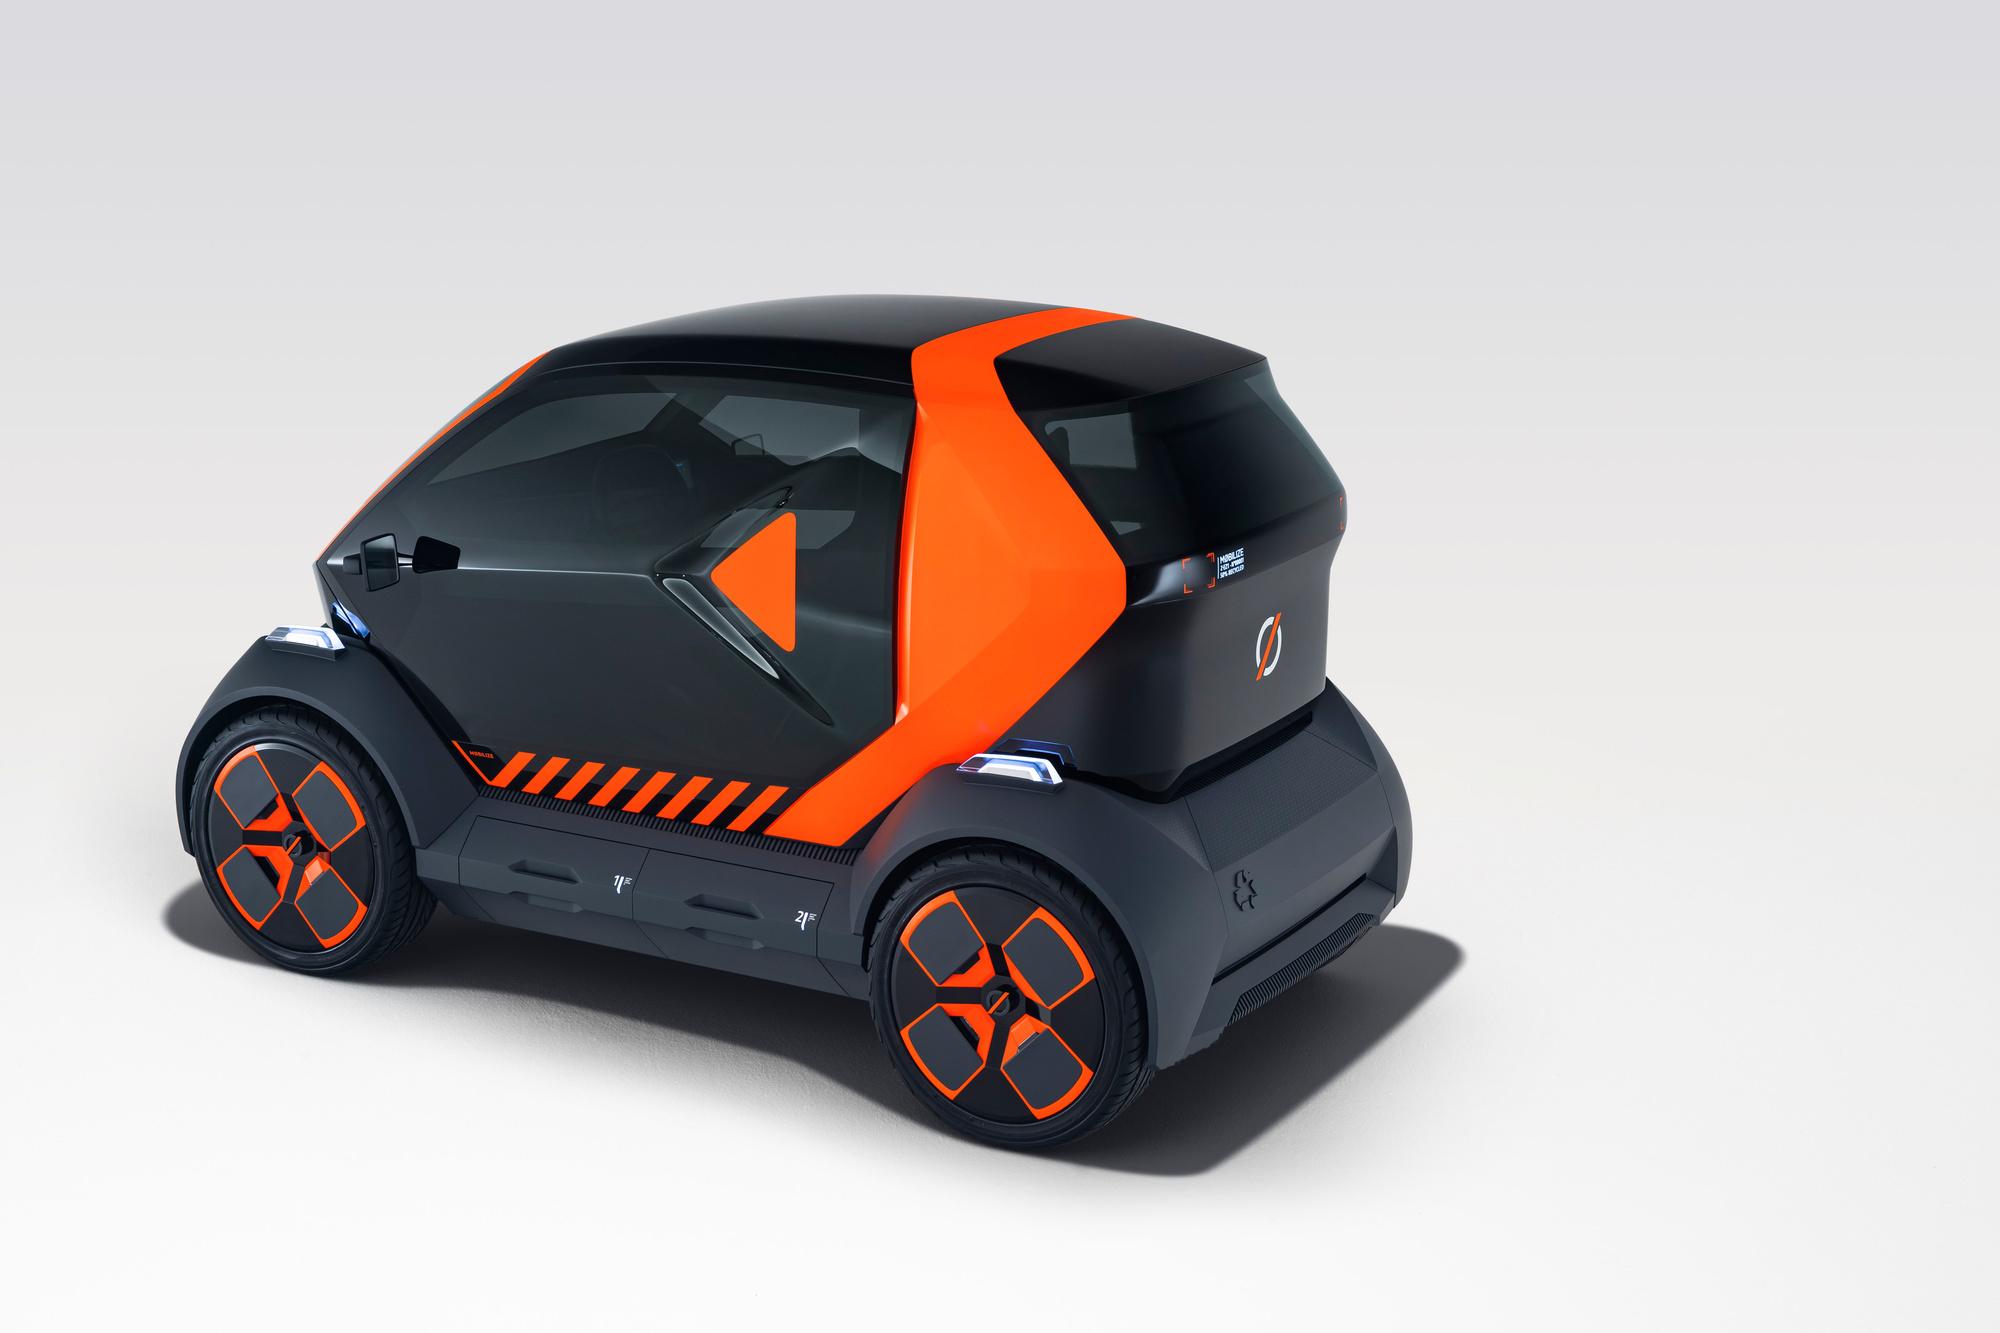 De elektrische Renault EZ-1, GF